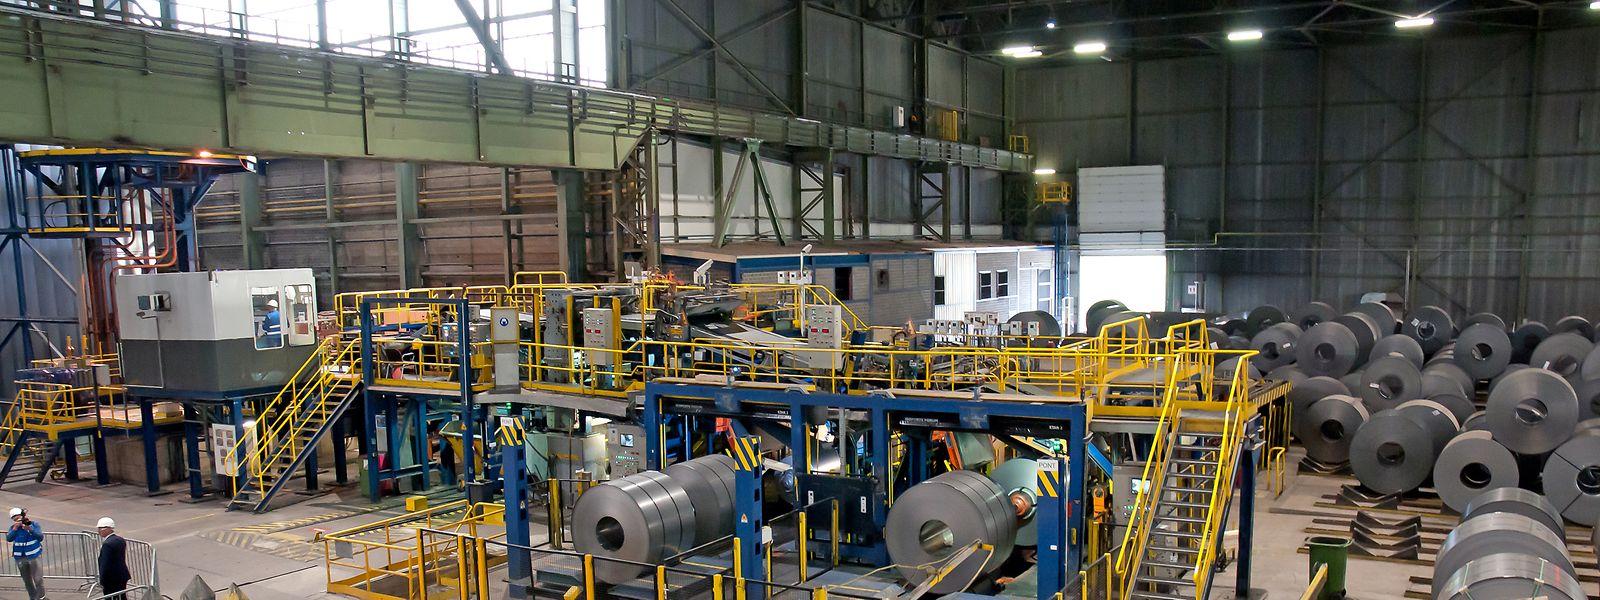 Der Wirtschaftsminister führte das Düdelinger Liberty Steel Werk als positives Beispiel auf.